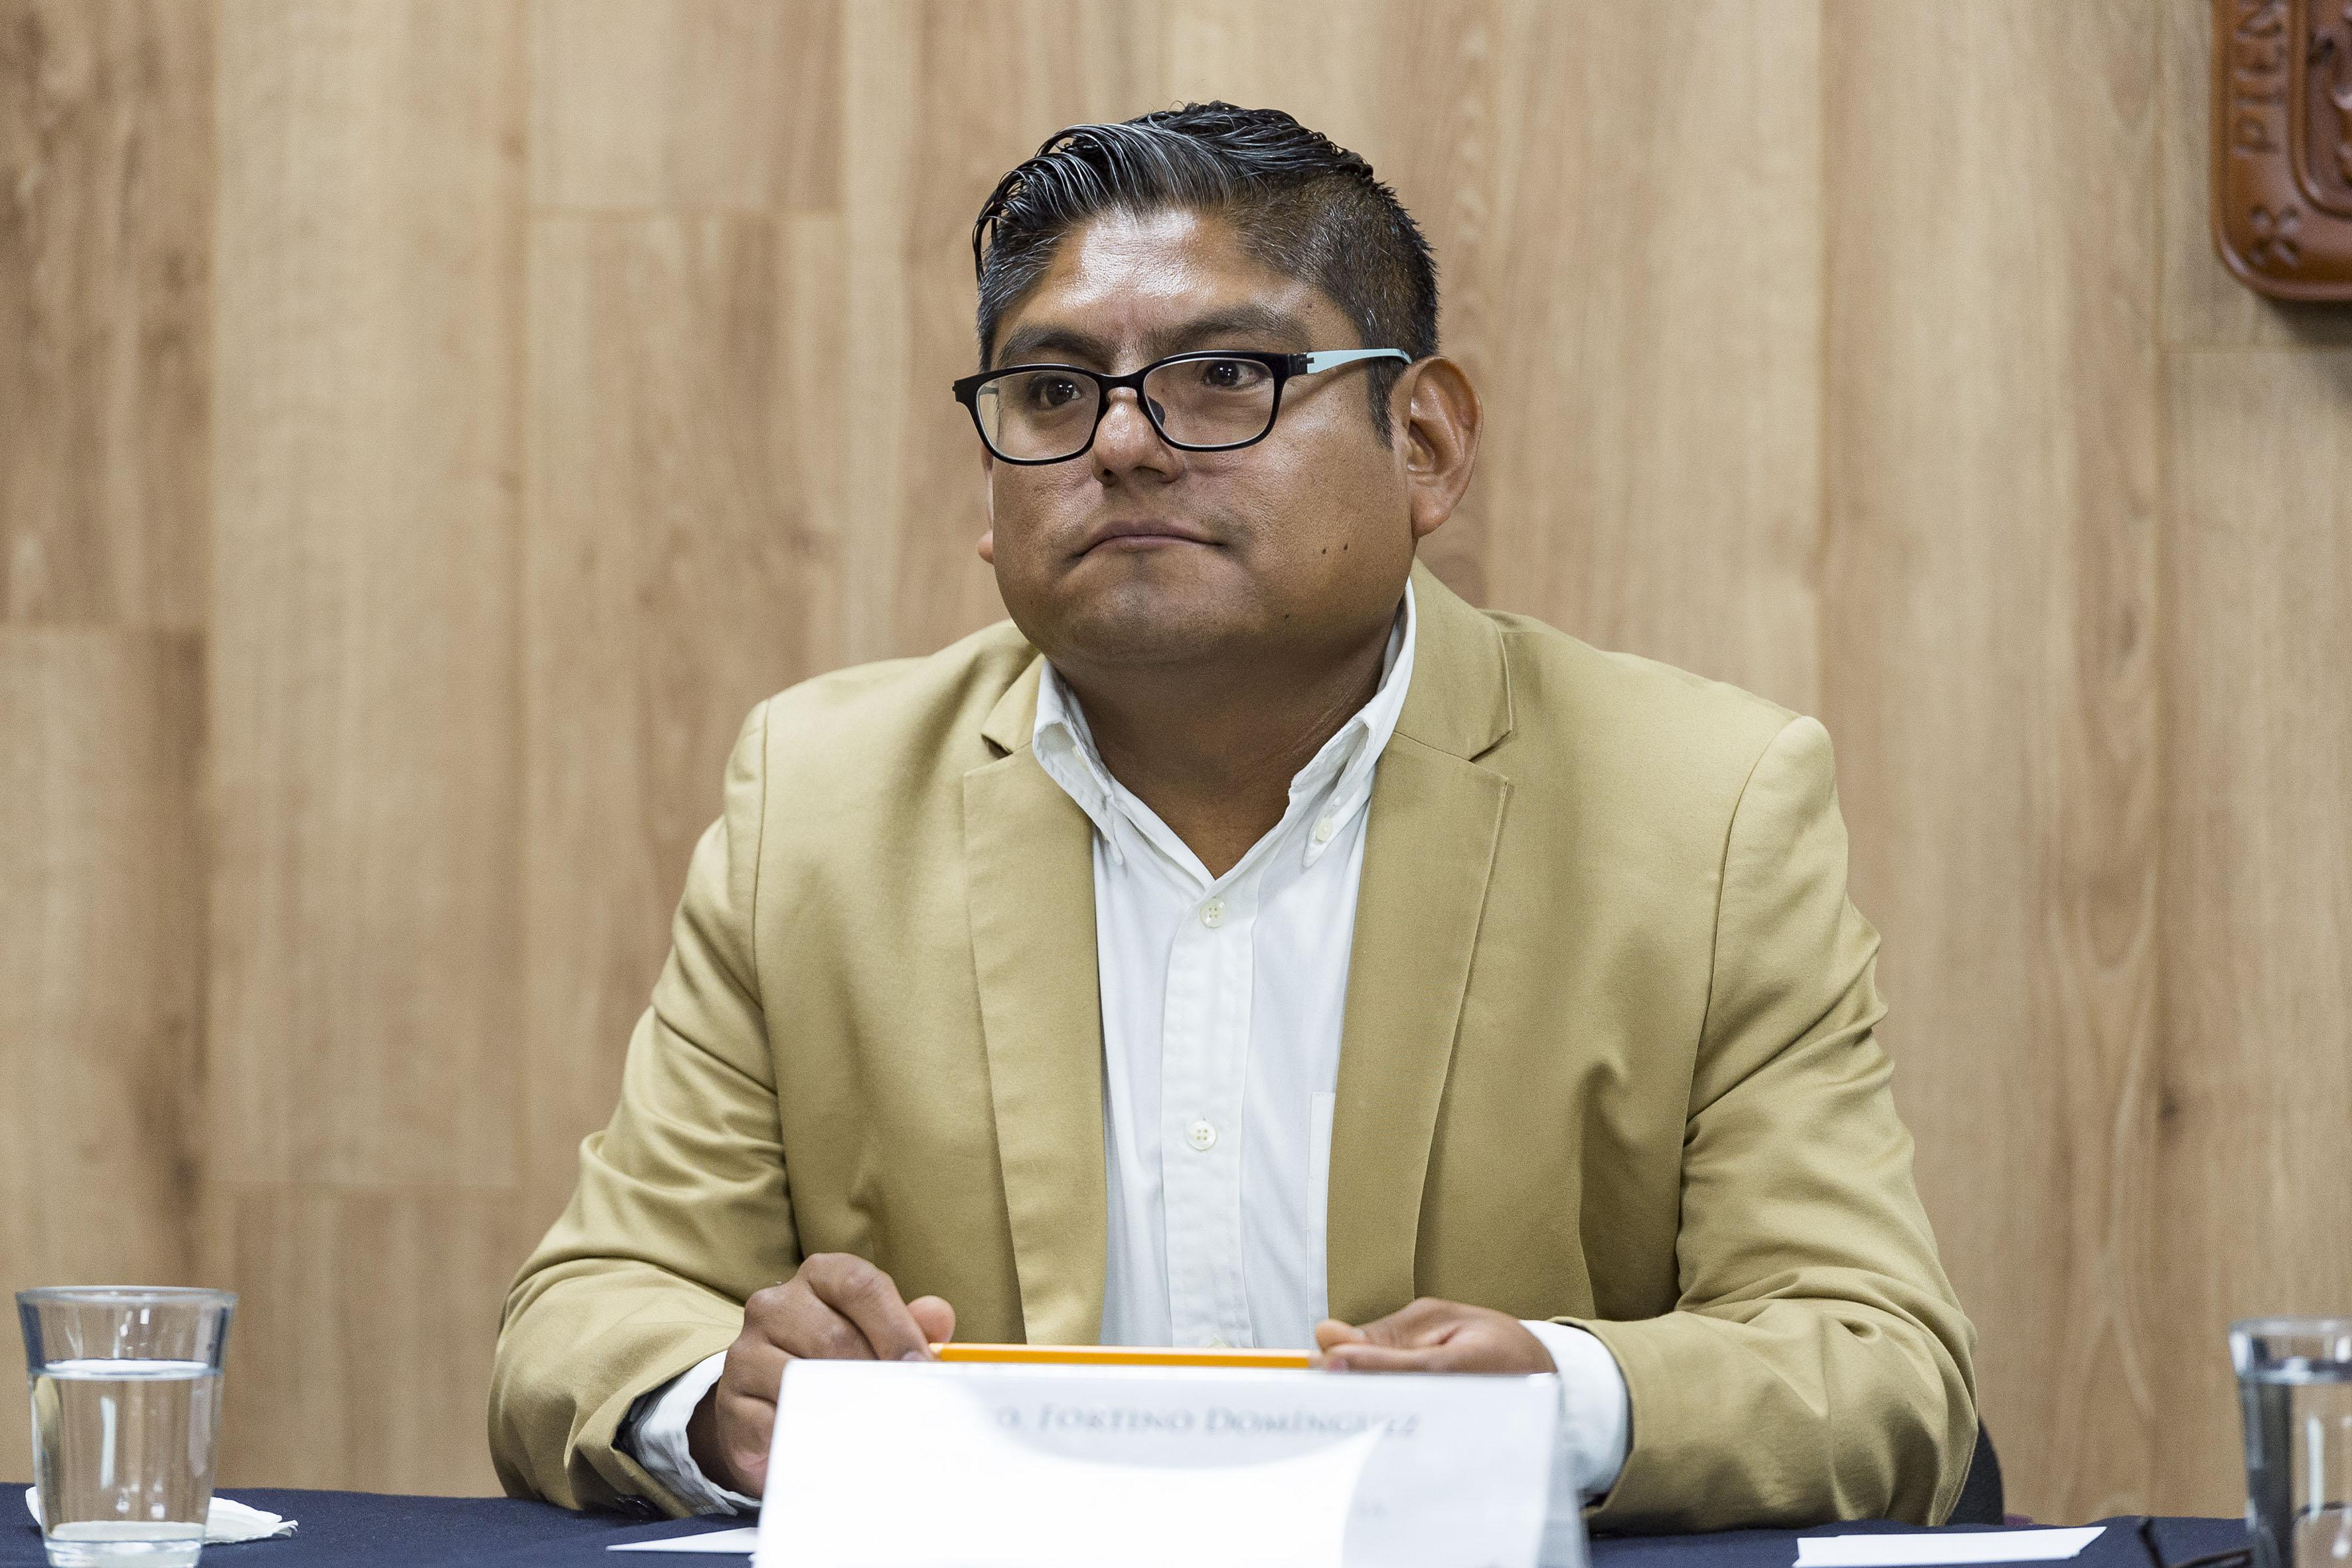 Coordinador de la Cátedra de la Interculturalidad, de la Universidad de Guadalajara (UdeG), maestro Fortino Domínguez Rueda.